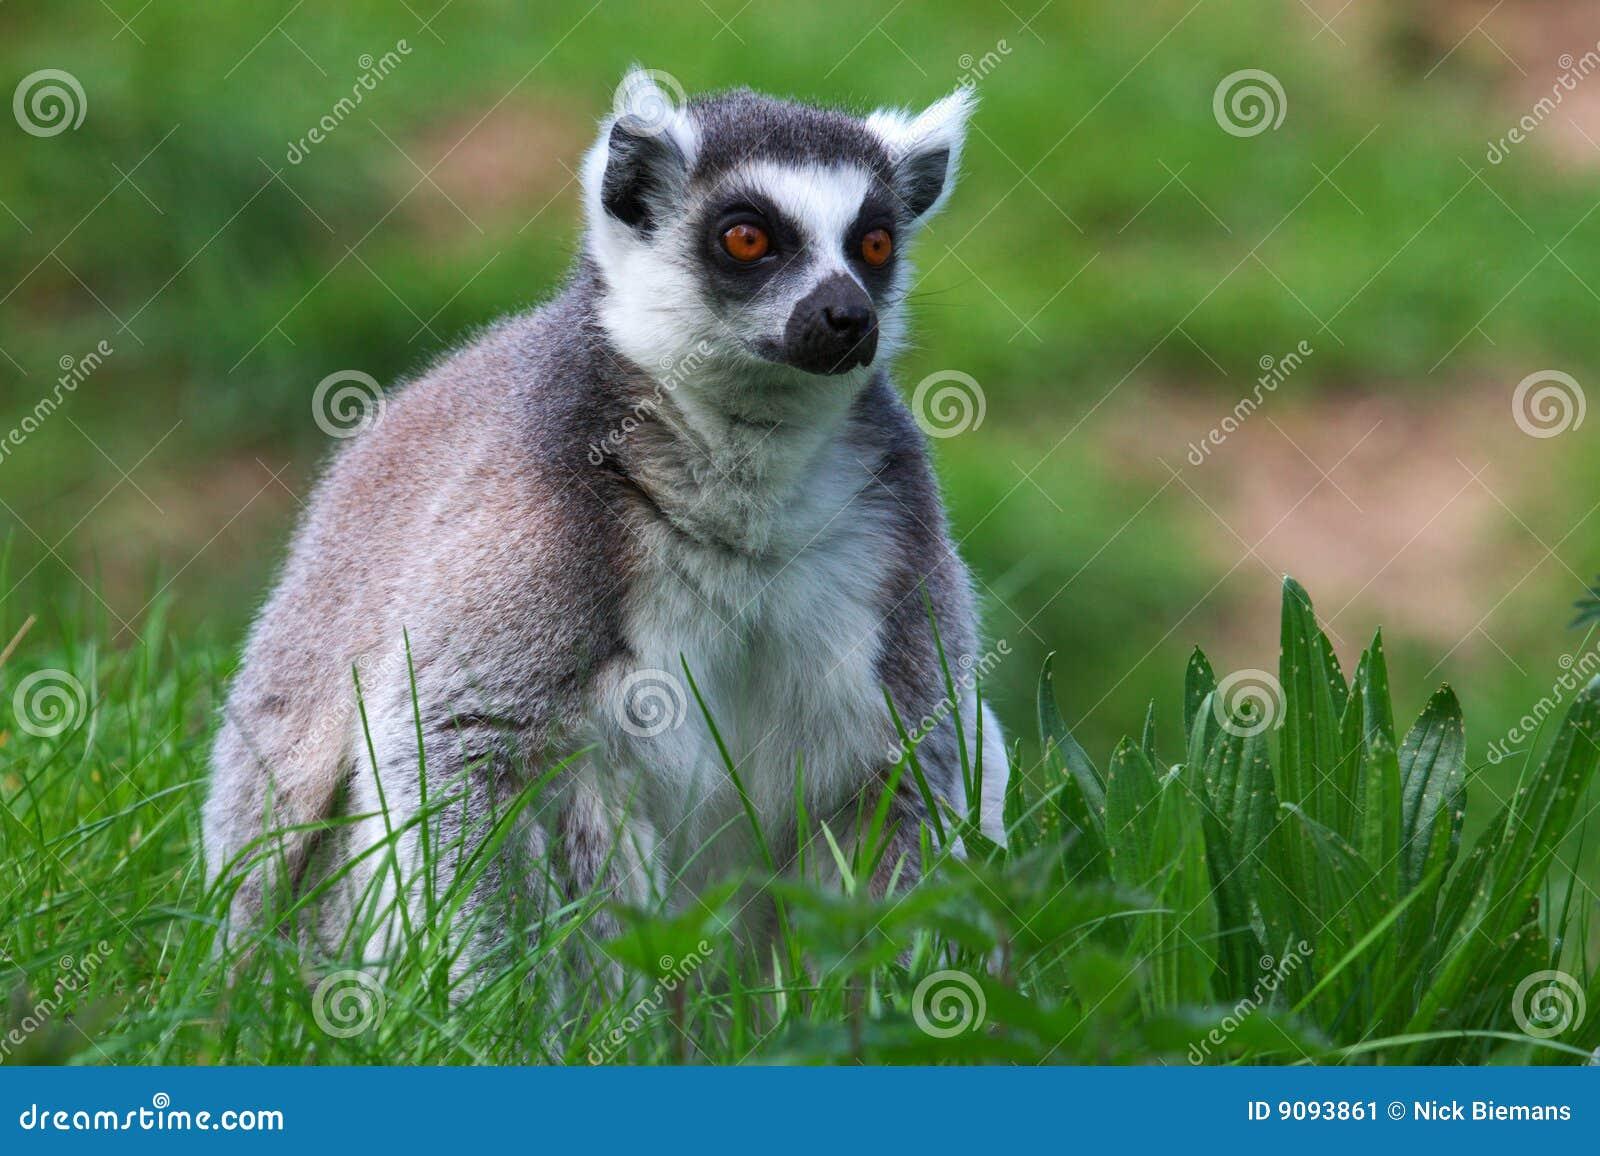 Portrait eines Ring-tailed Lemur